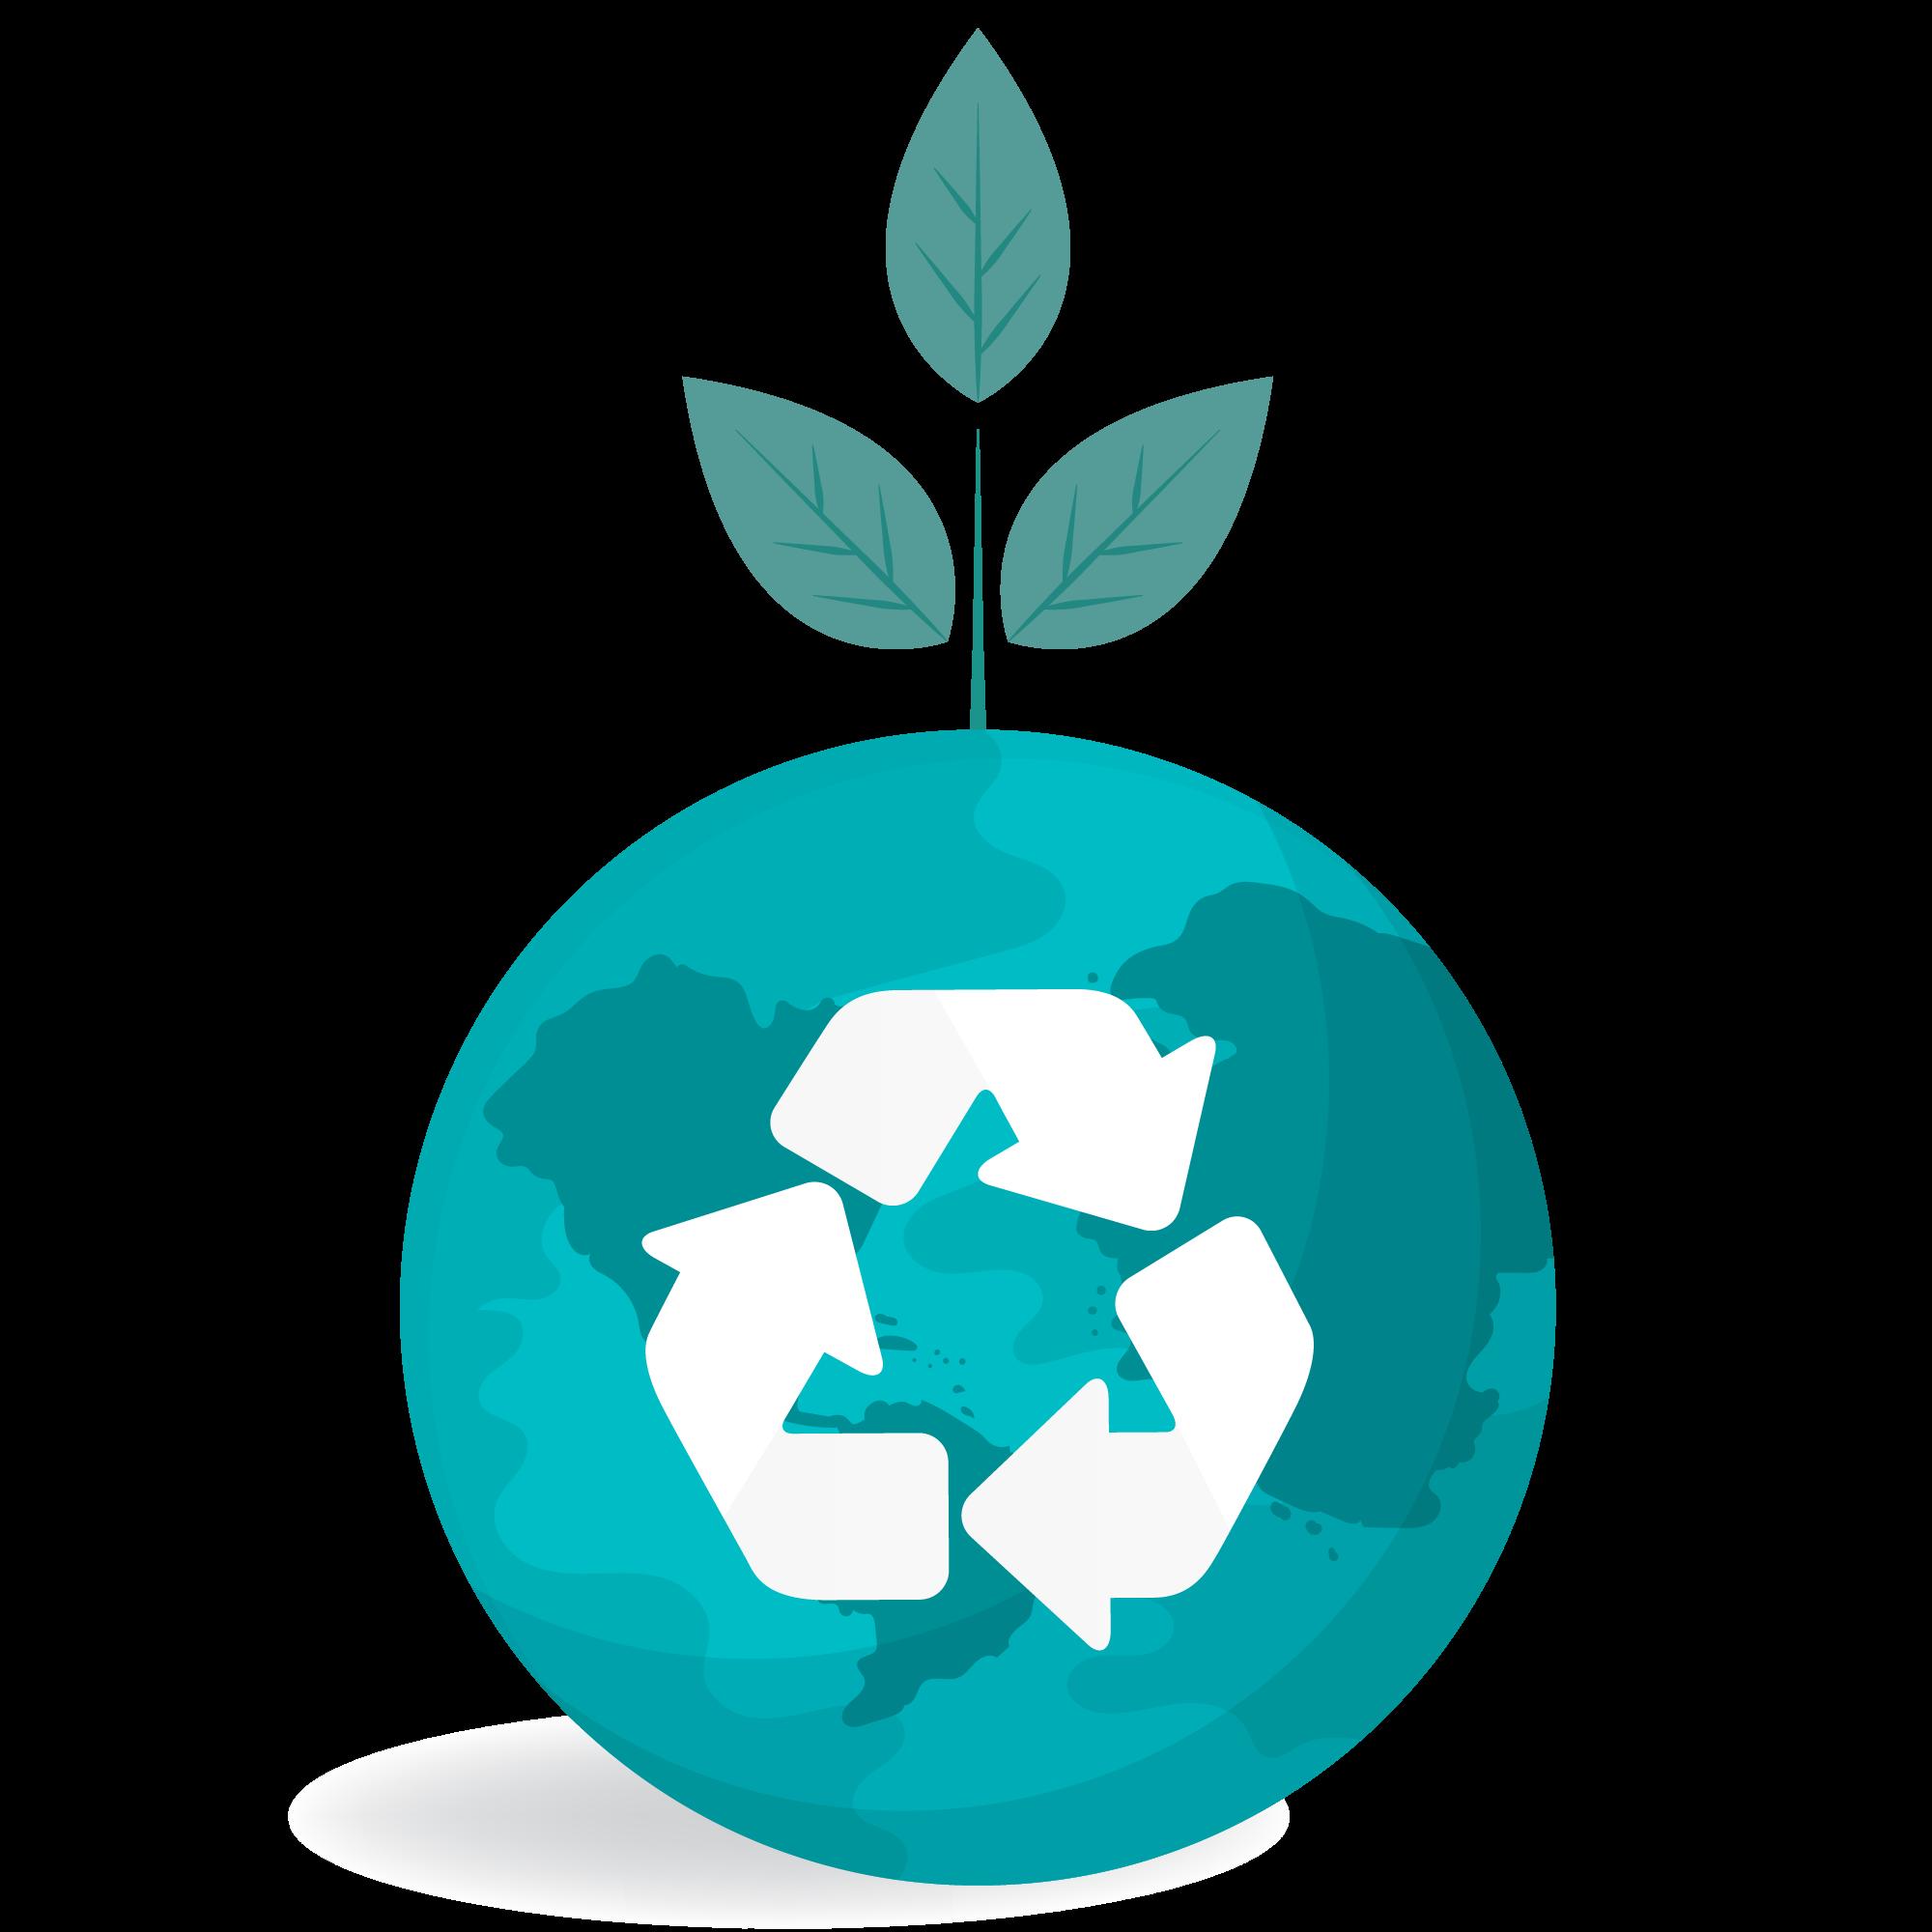 Reciclarea este un proces inclus in training-ul pentru educatie ecologica.